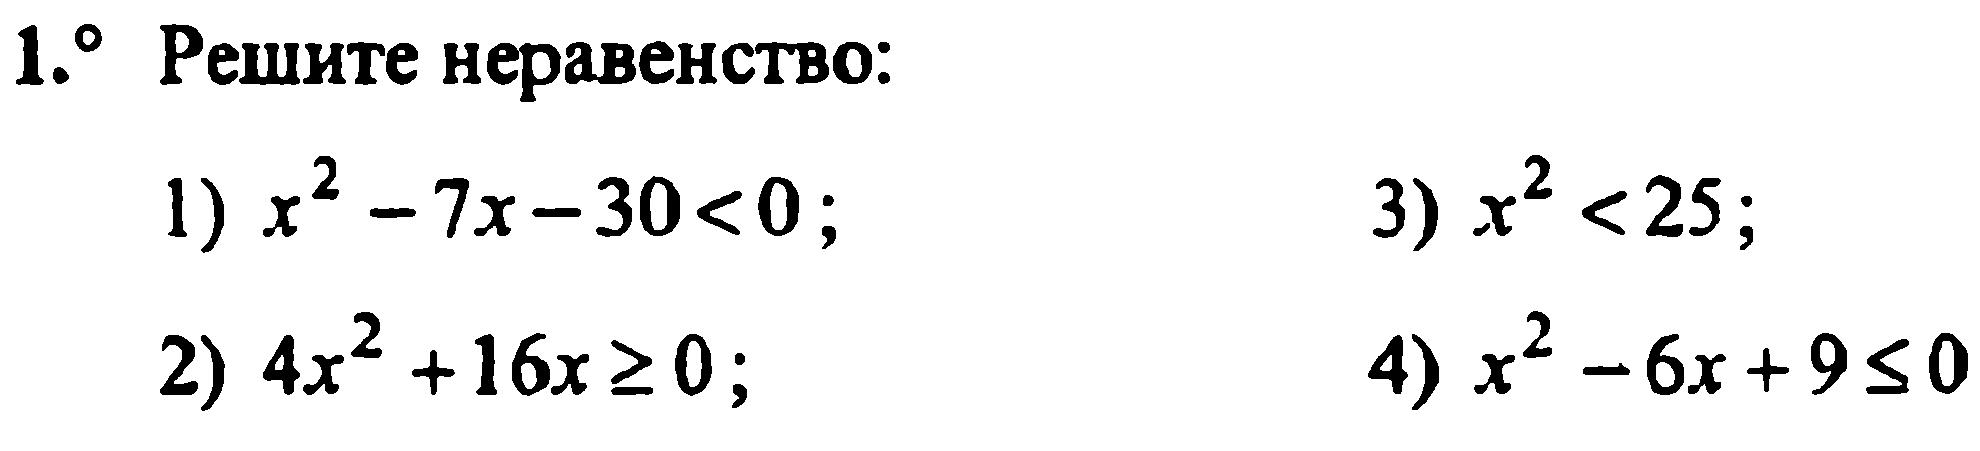 Контрольная работа Уравнения и неравенства с одной переменной  hello html 26a08228 png